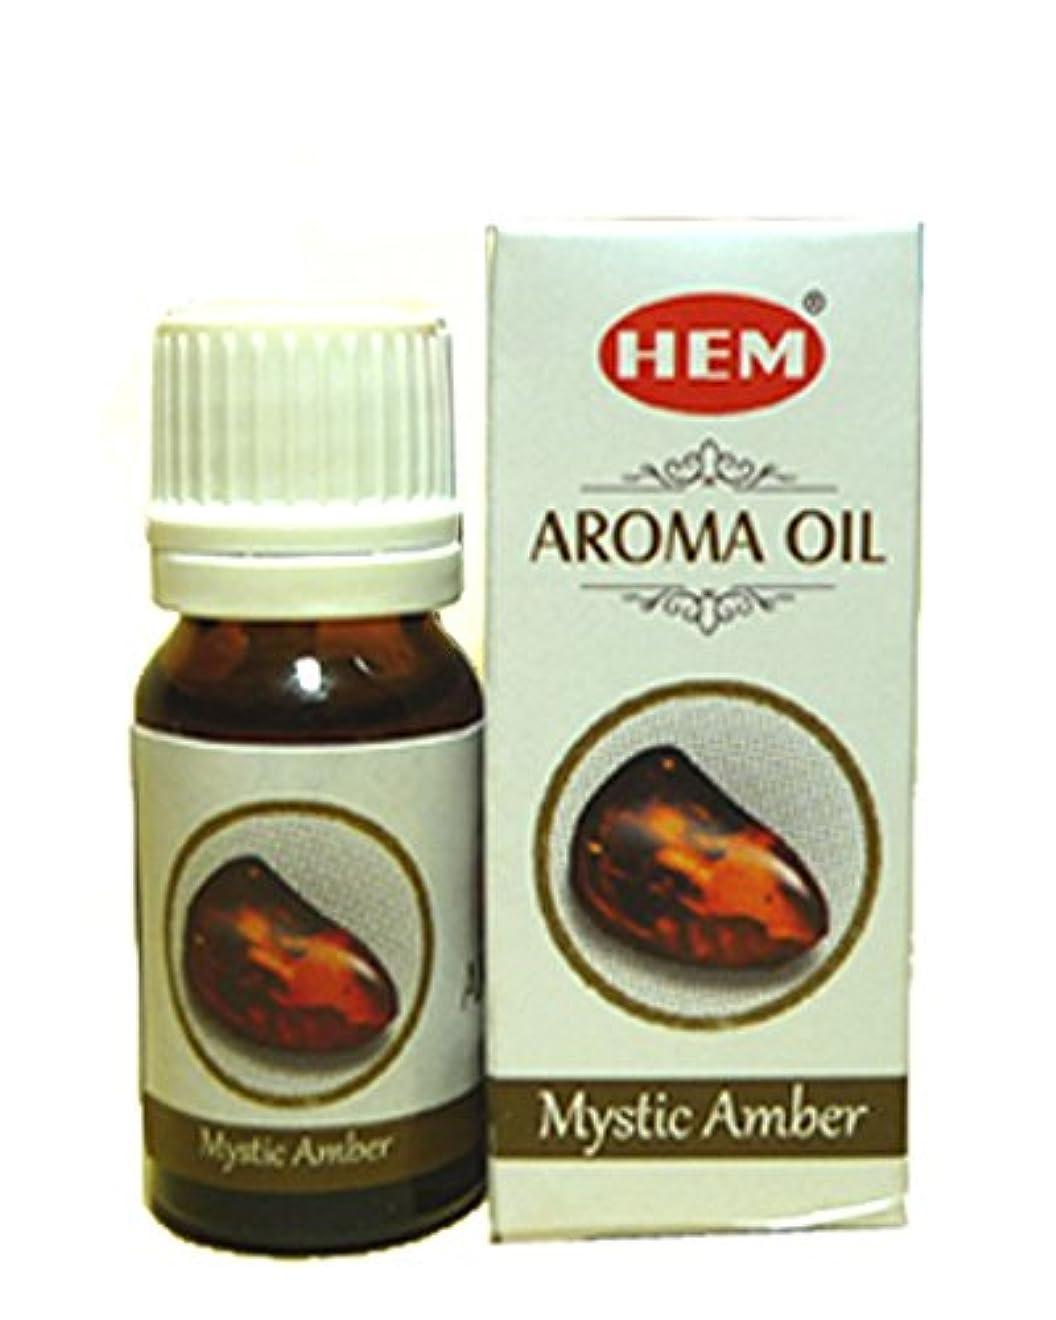 軽ペデスタル旧正月HEMのアロマオイル HEM AROMA OIL 10ml ミスティック アンバー MYSTIC AMBER